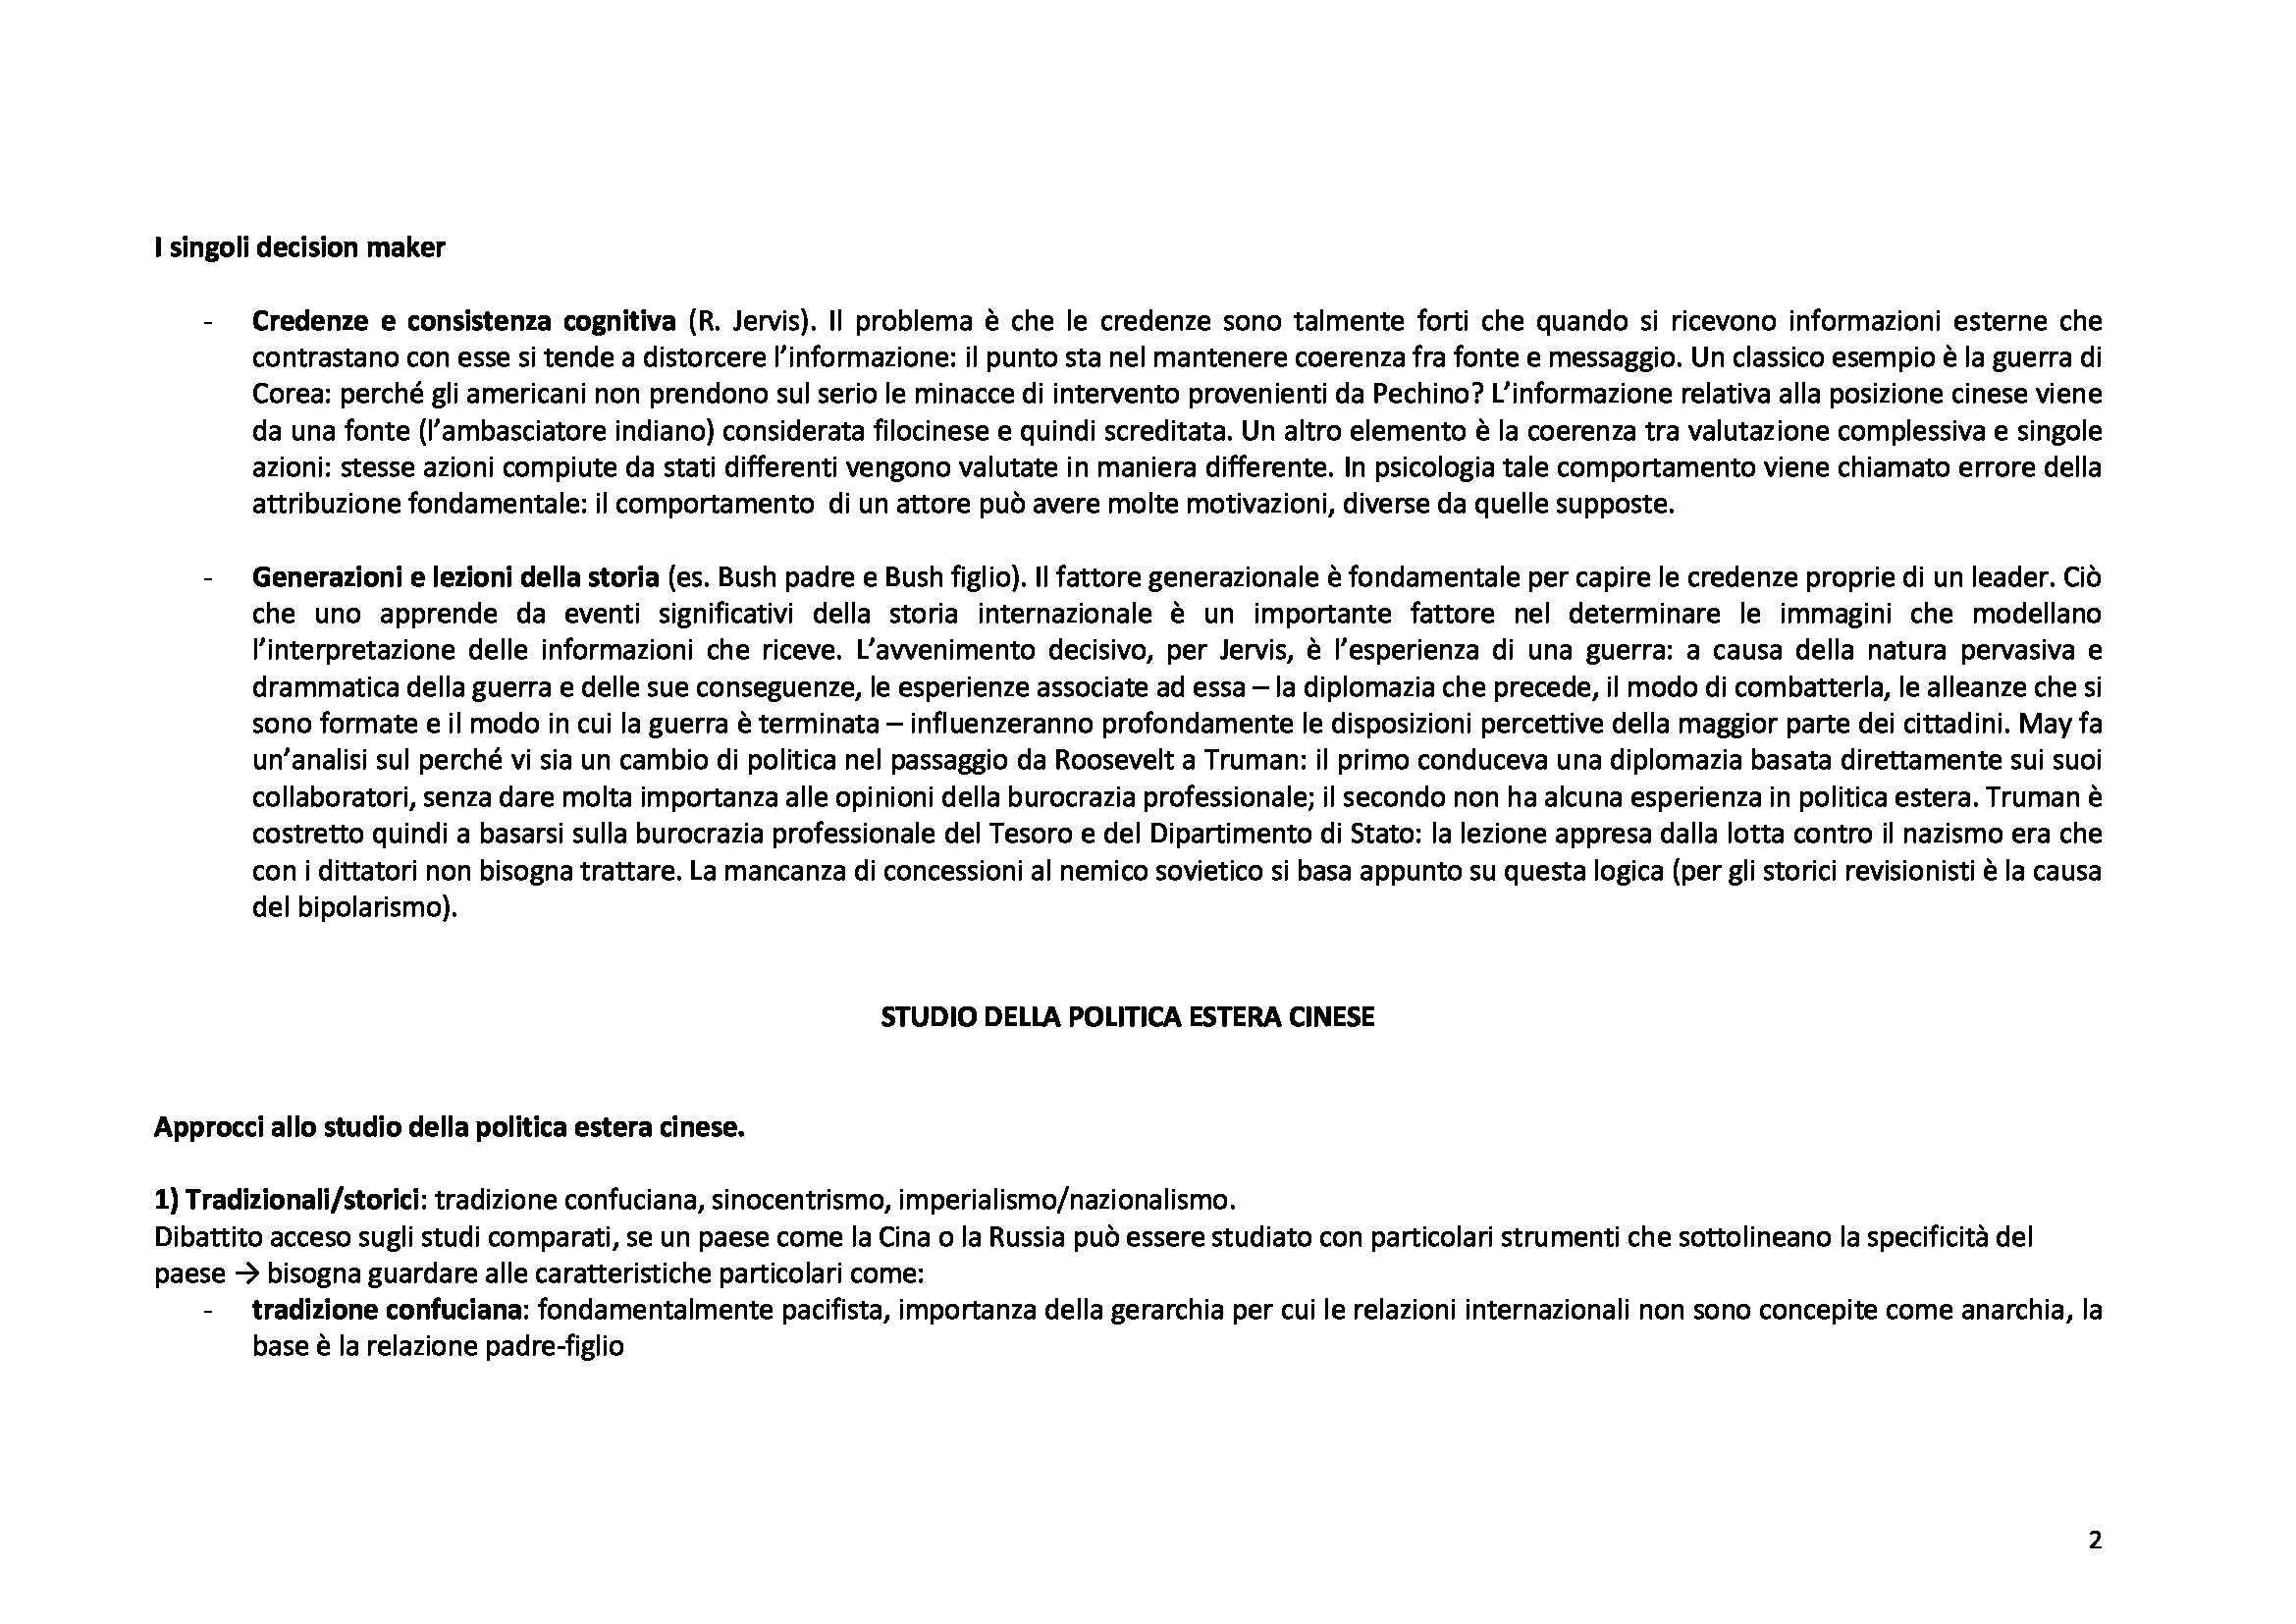 Sociologia delle relazioni internazionali - Appunti Pag. 2